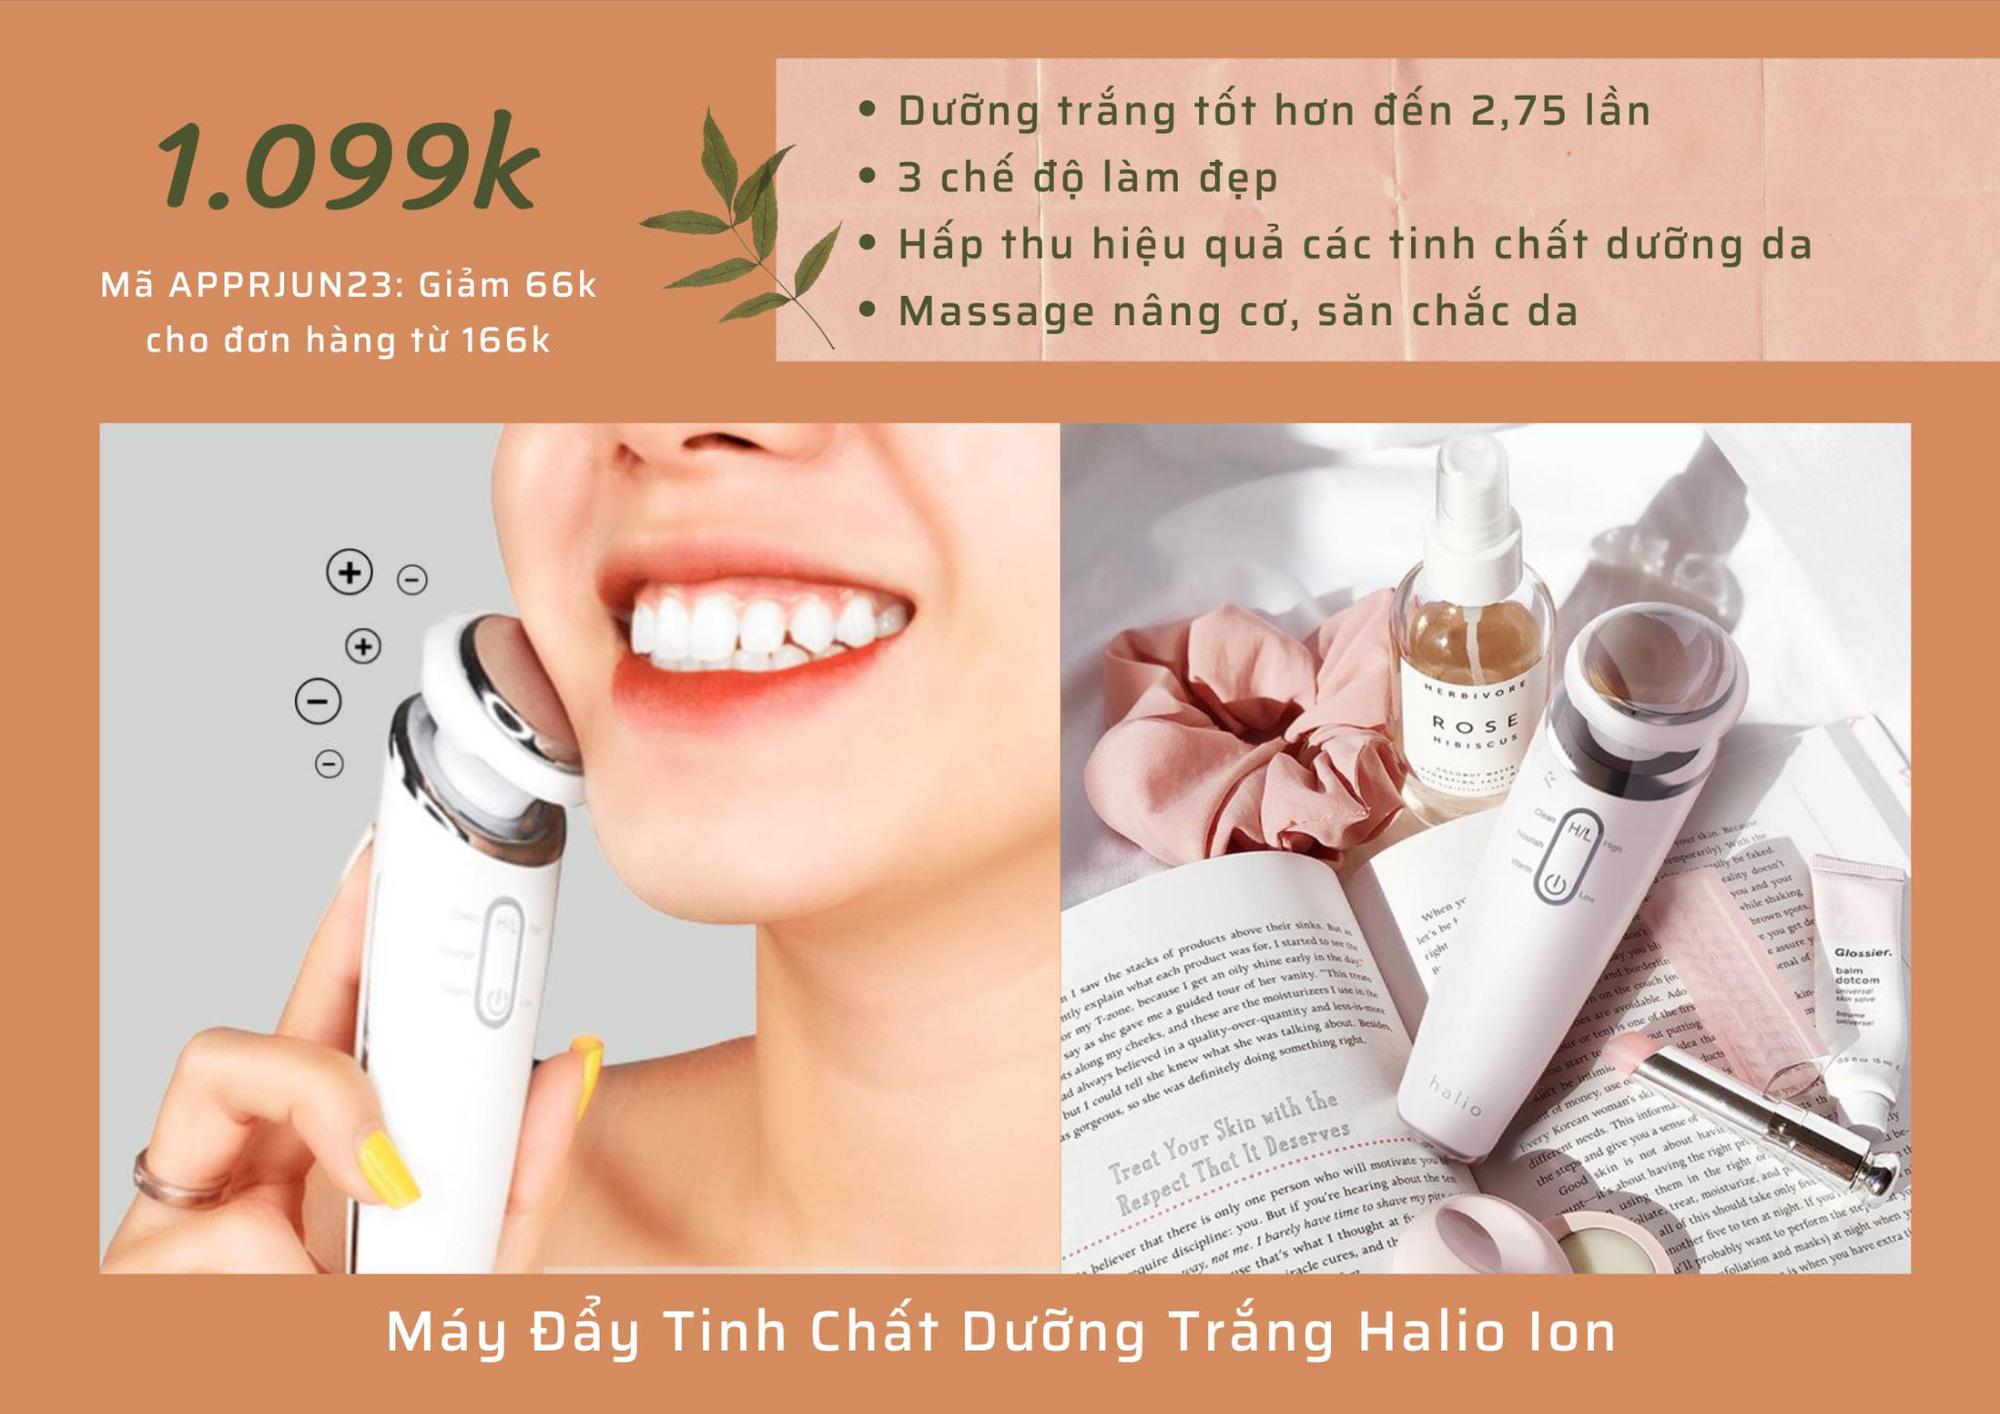 Điểm danh loạt máy skincare công nghệ cao để nàng chăm da tại nhà như spa có giá từ 539K - Ảnh 3.